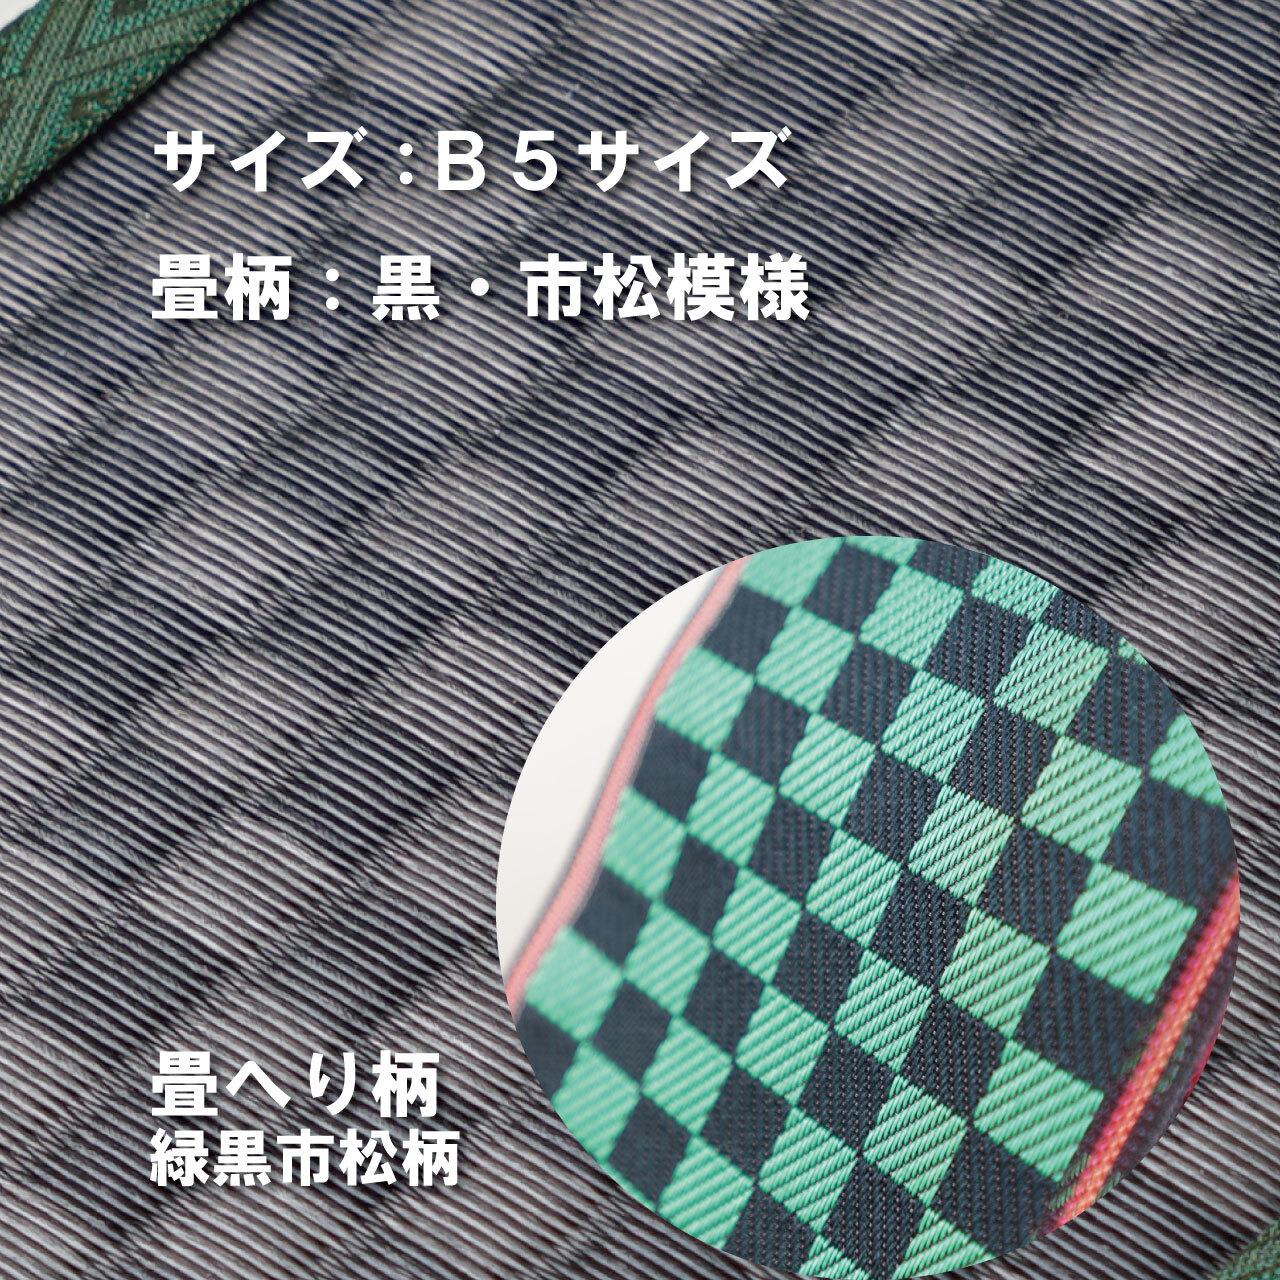 ミニ畳台 フィギア台や小物置きに♪ B5サイズ 畳:黒市松 縁の柄:緑黒市松柄 B5BM006